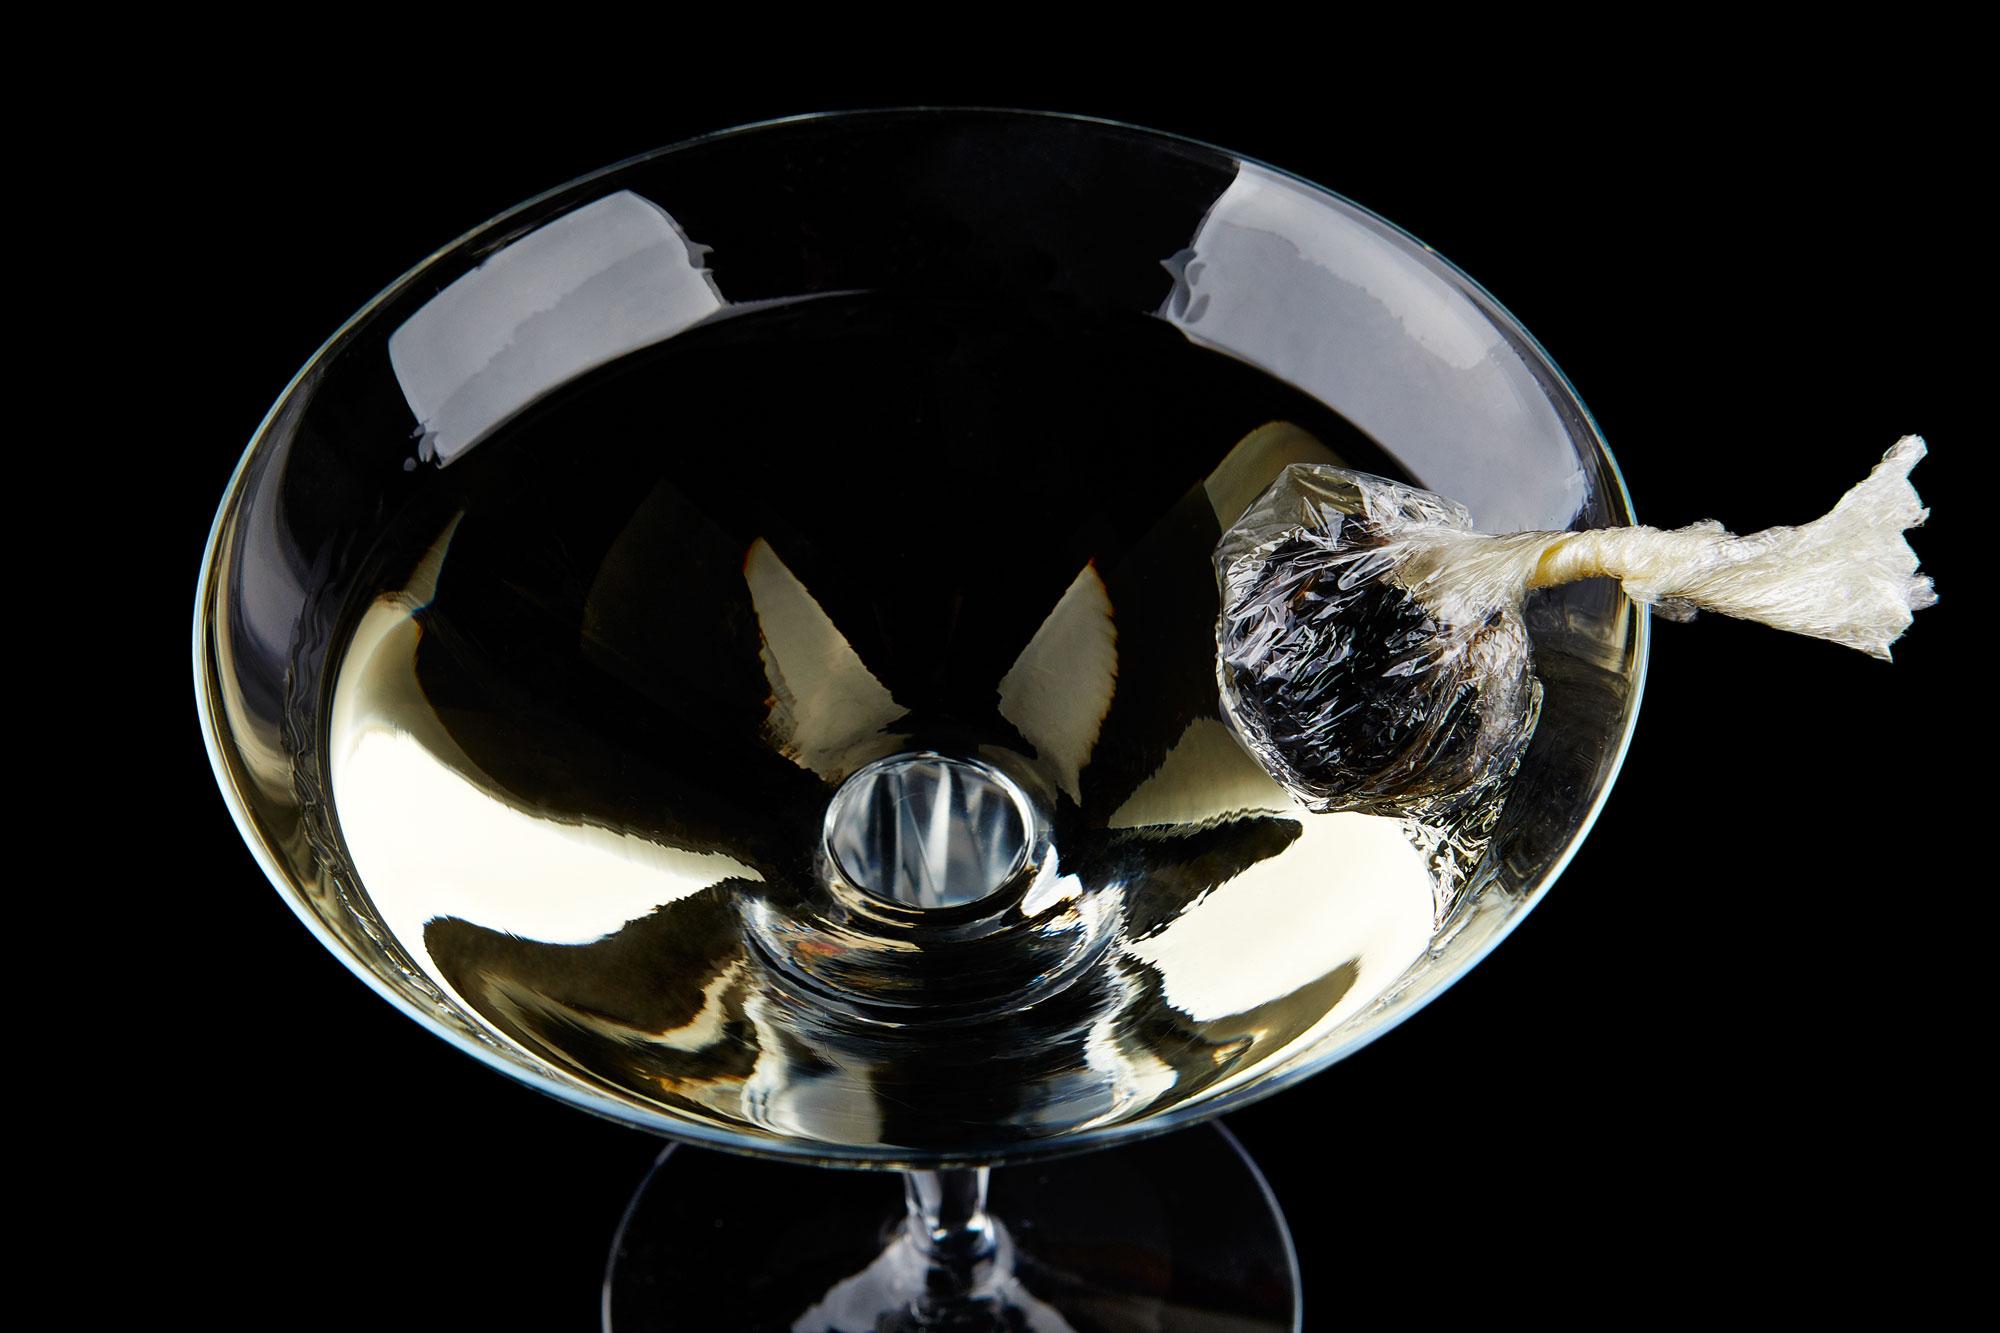 Martini_a_La_Madame_fabio_camboni (2)